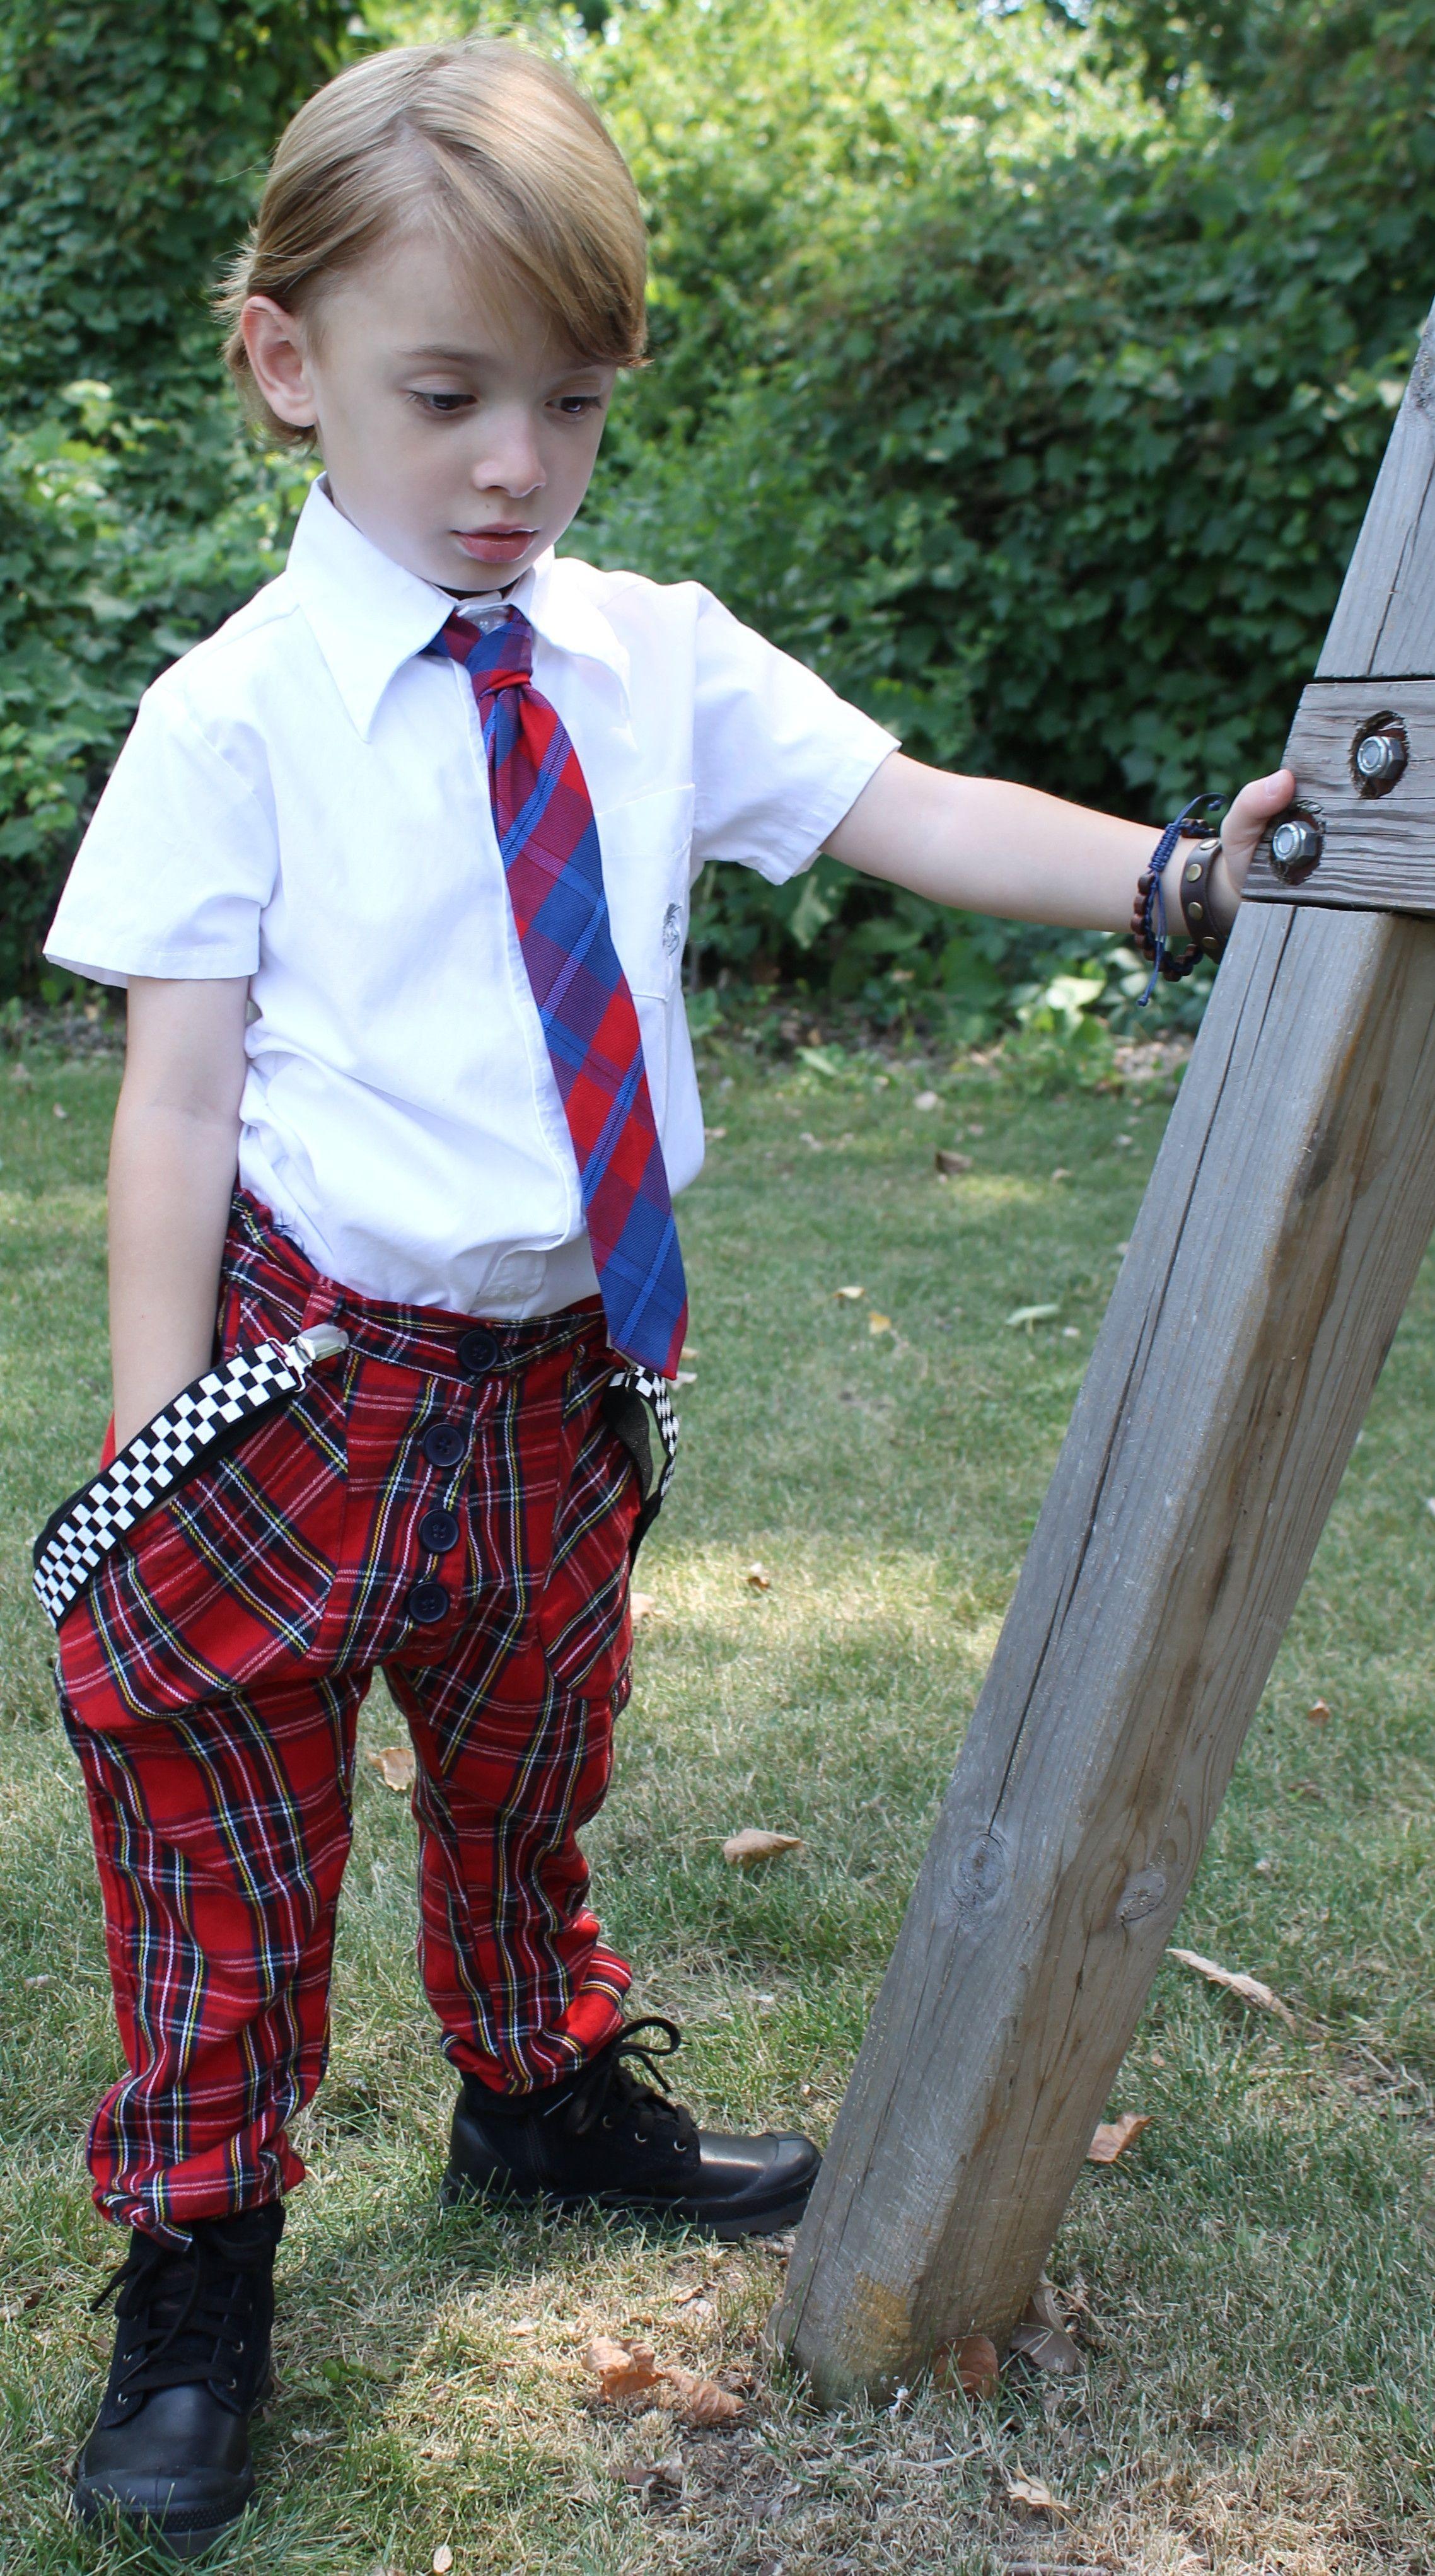 @Shampoodle Sweden Vicious pants, Palladium boots, @Melissa Nash Knuckleheads shirt & suspenders